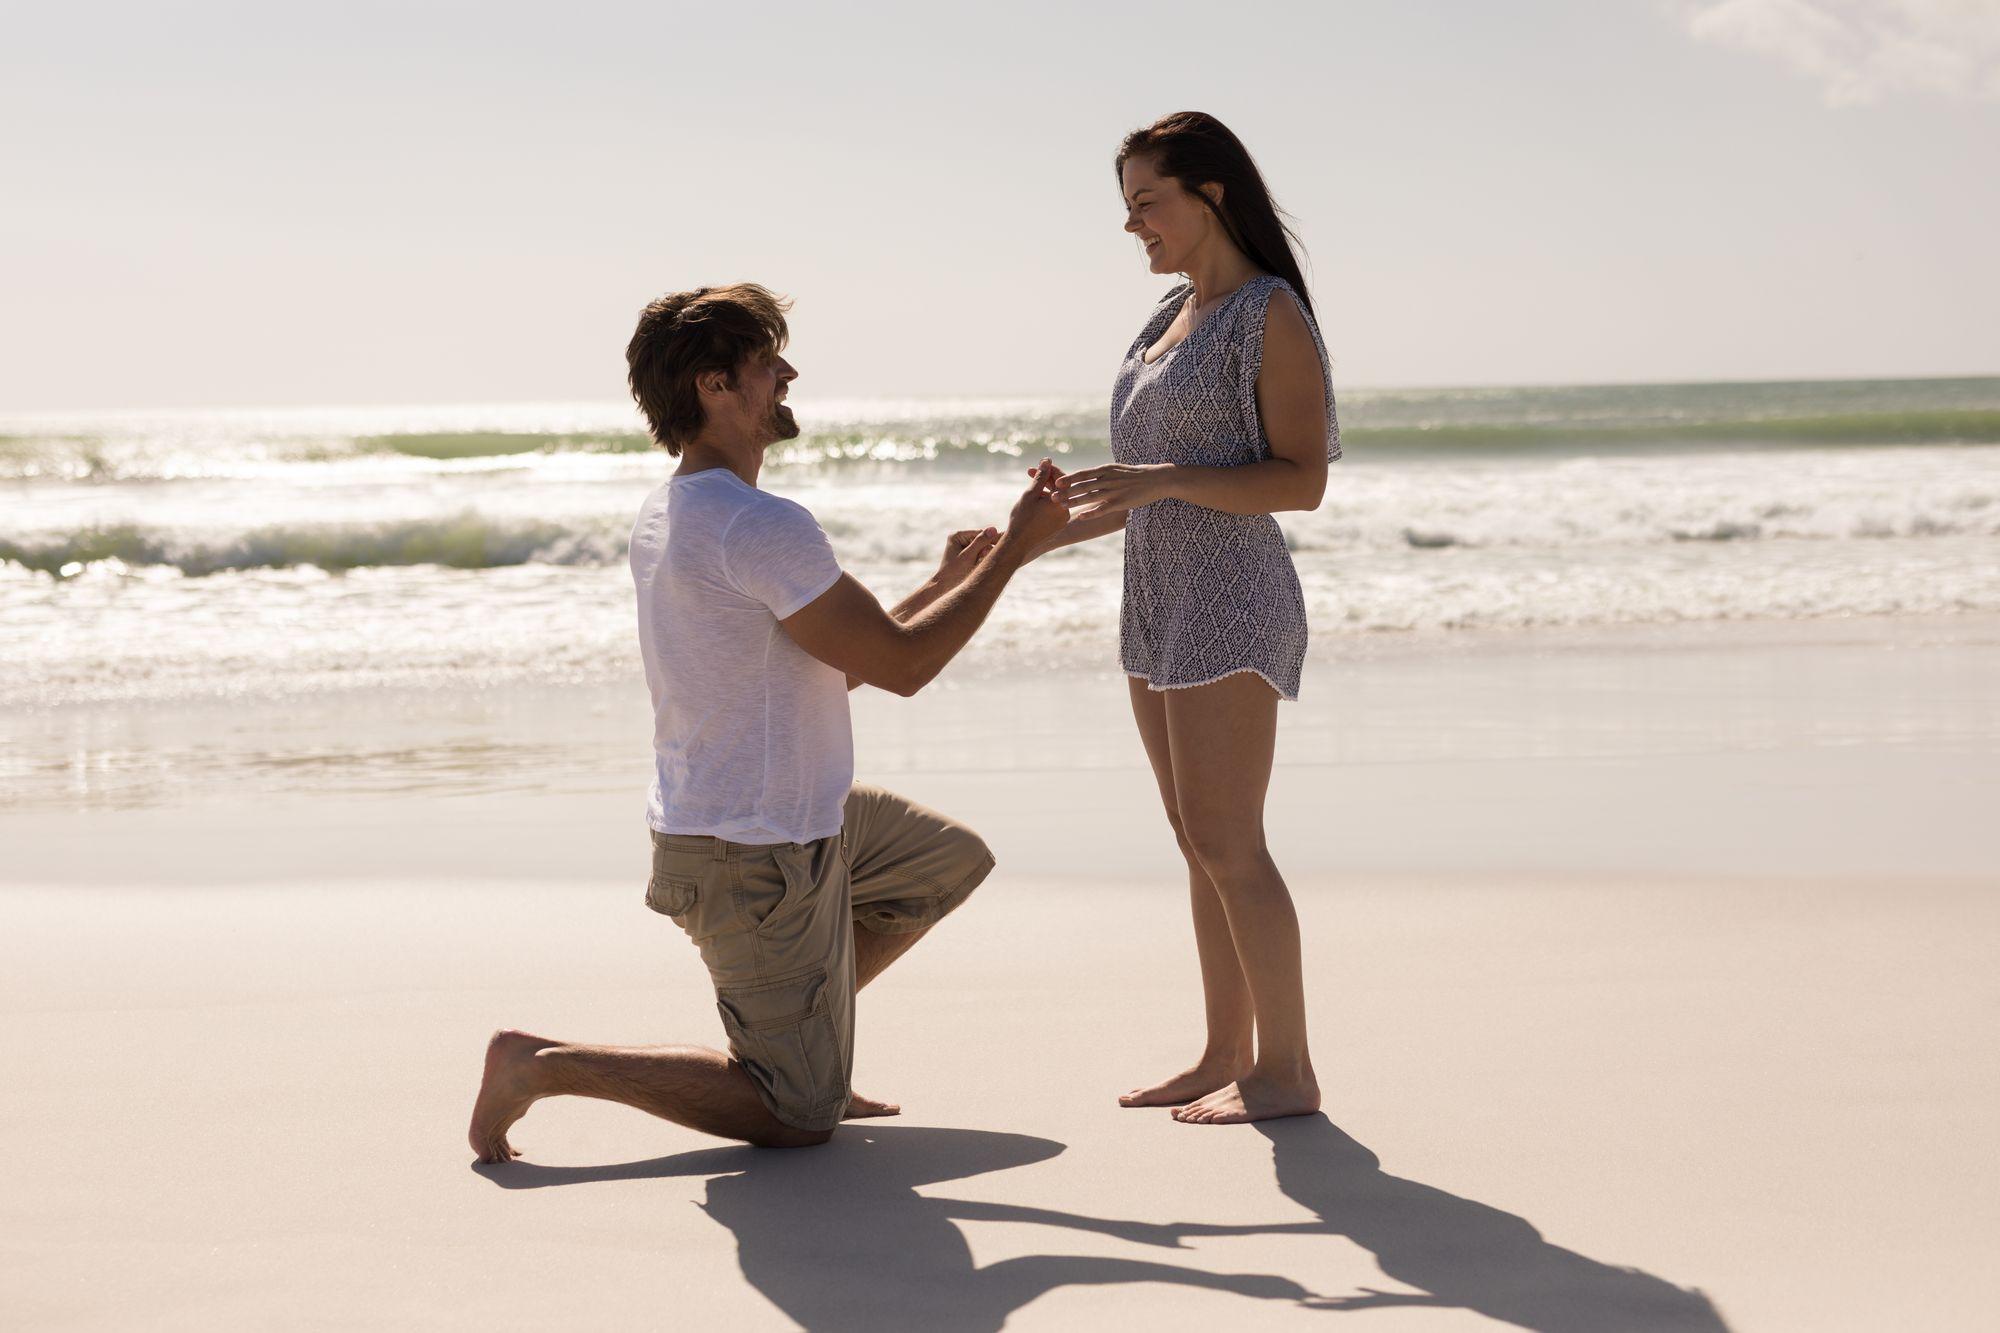 Mann macht Frau am Strand einen Antrag zur Verlobung